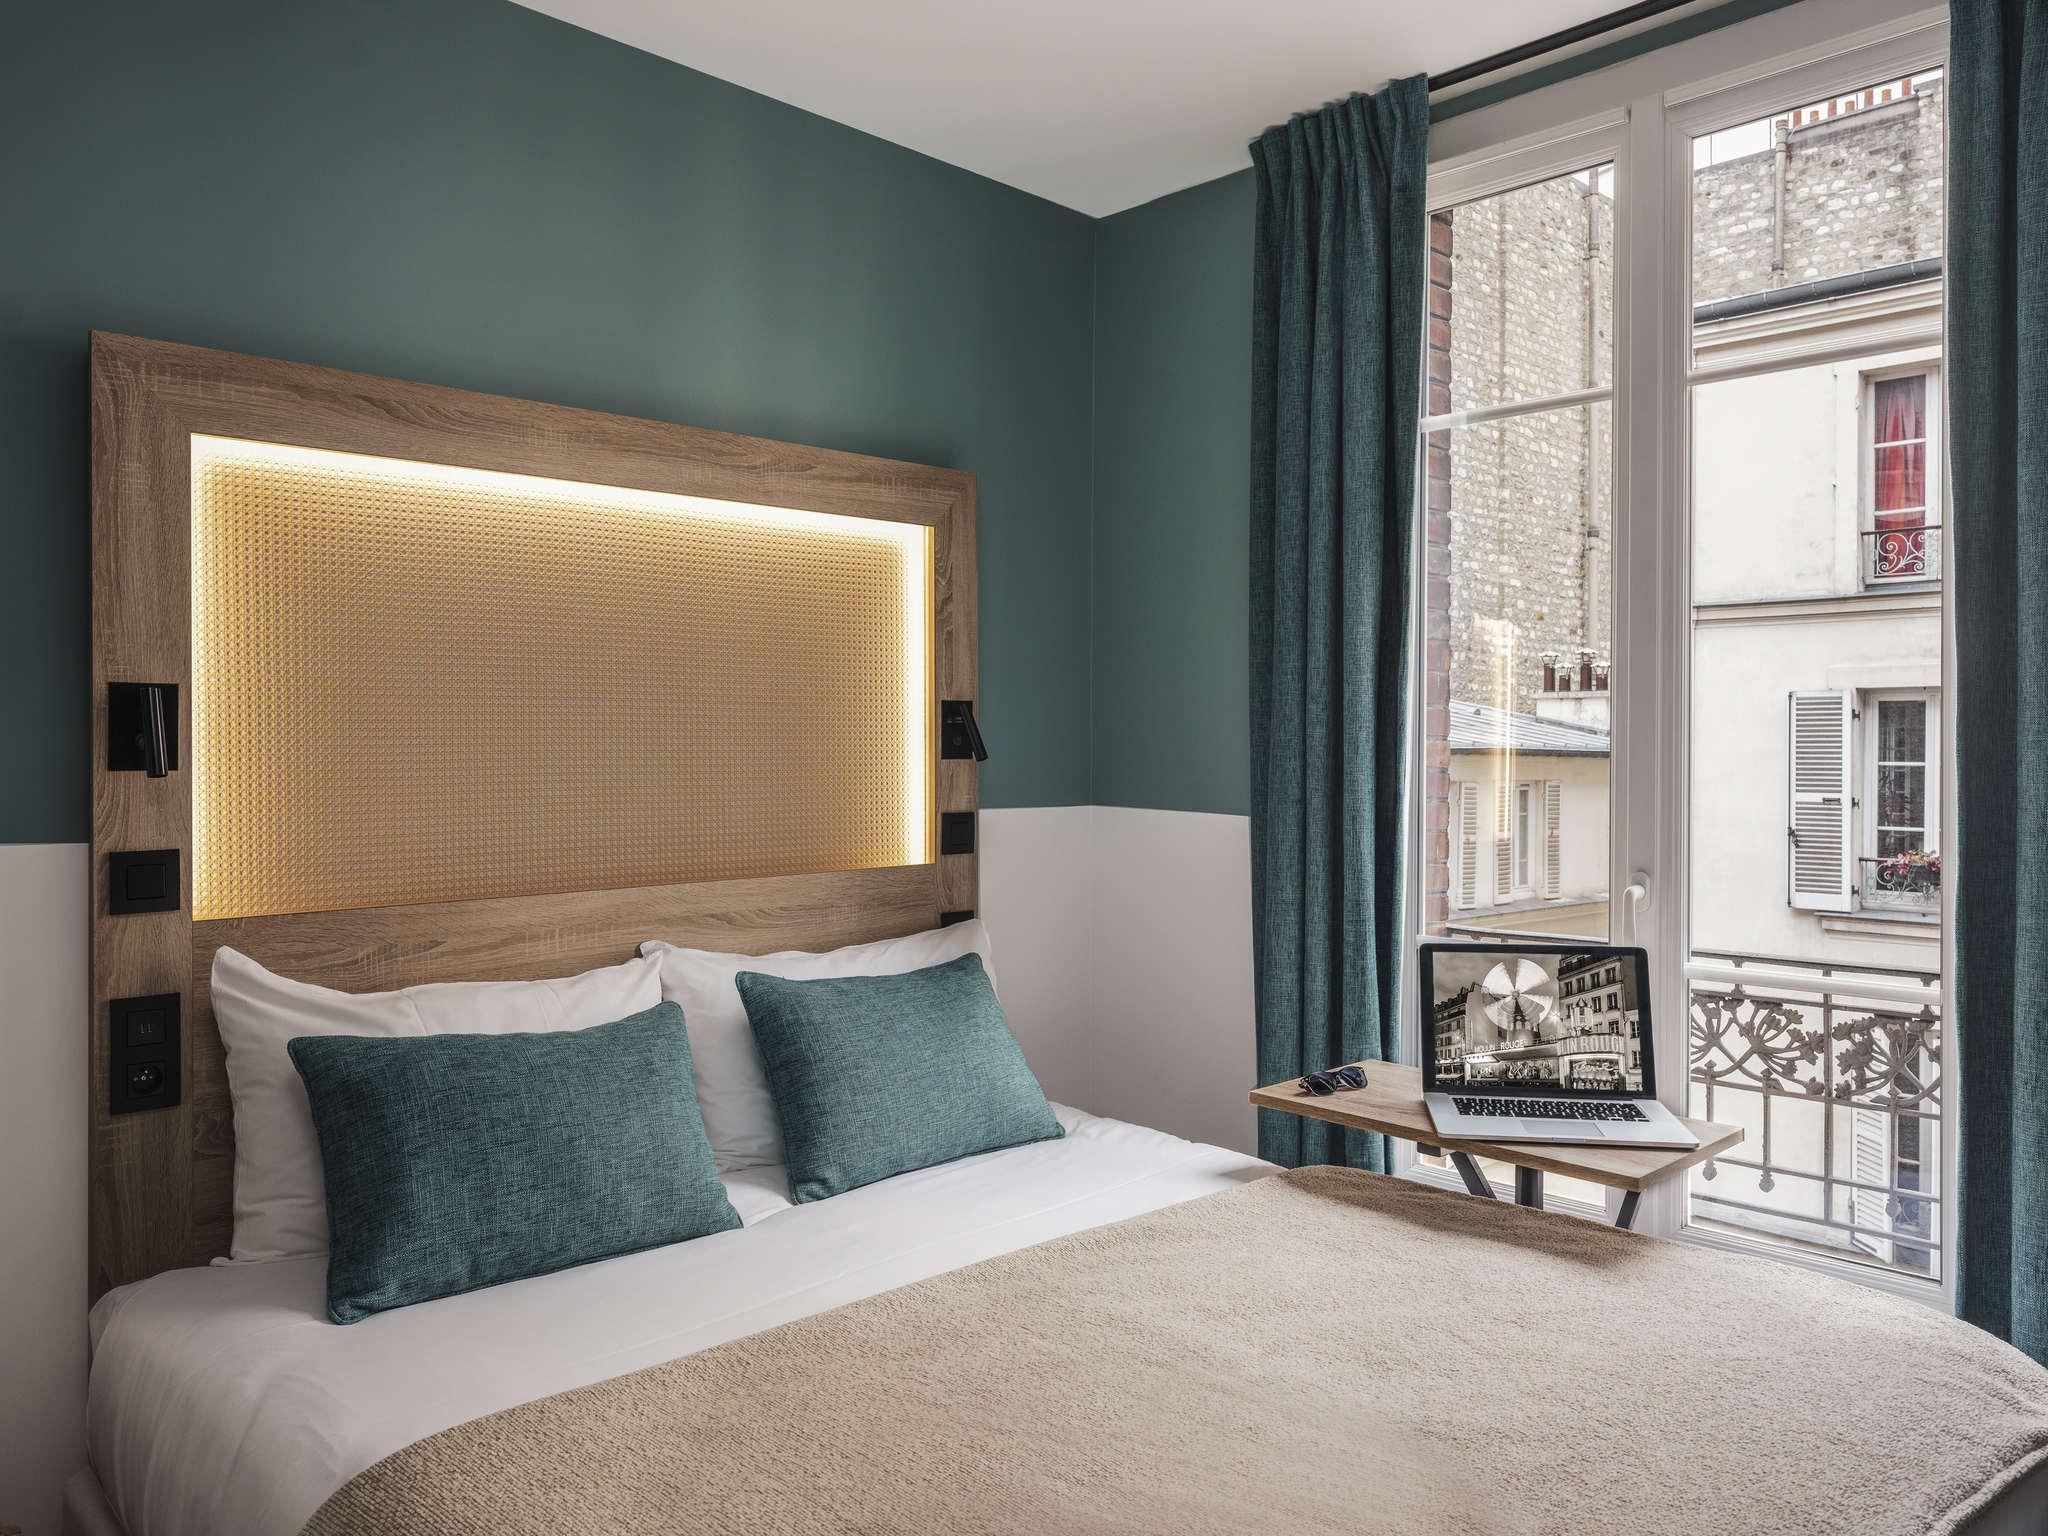 酒店 – 宜必思尚品巴黎蒙马特尔北部酒店